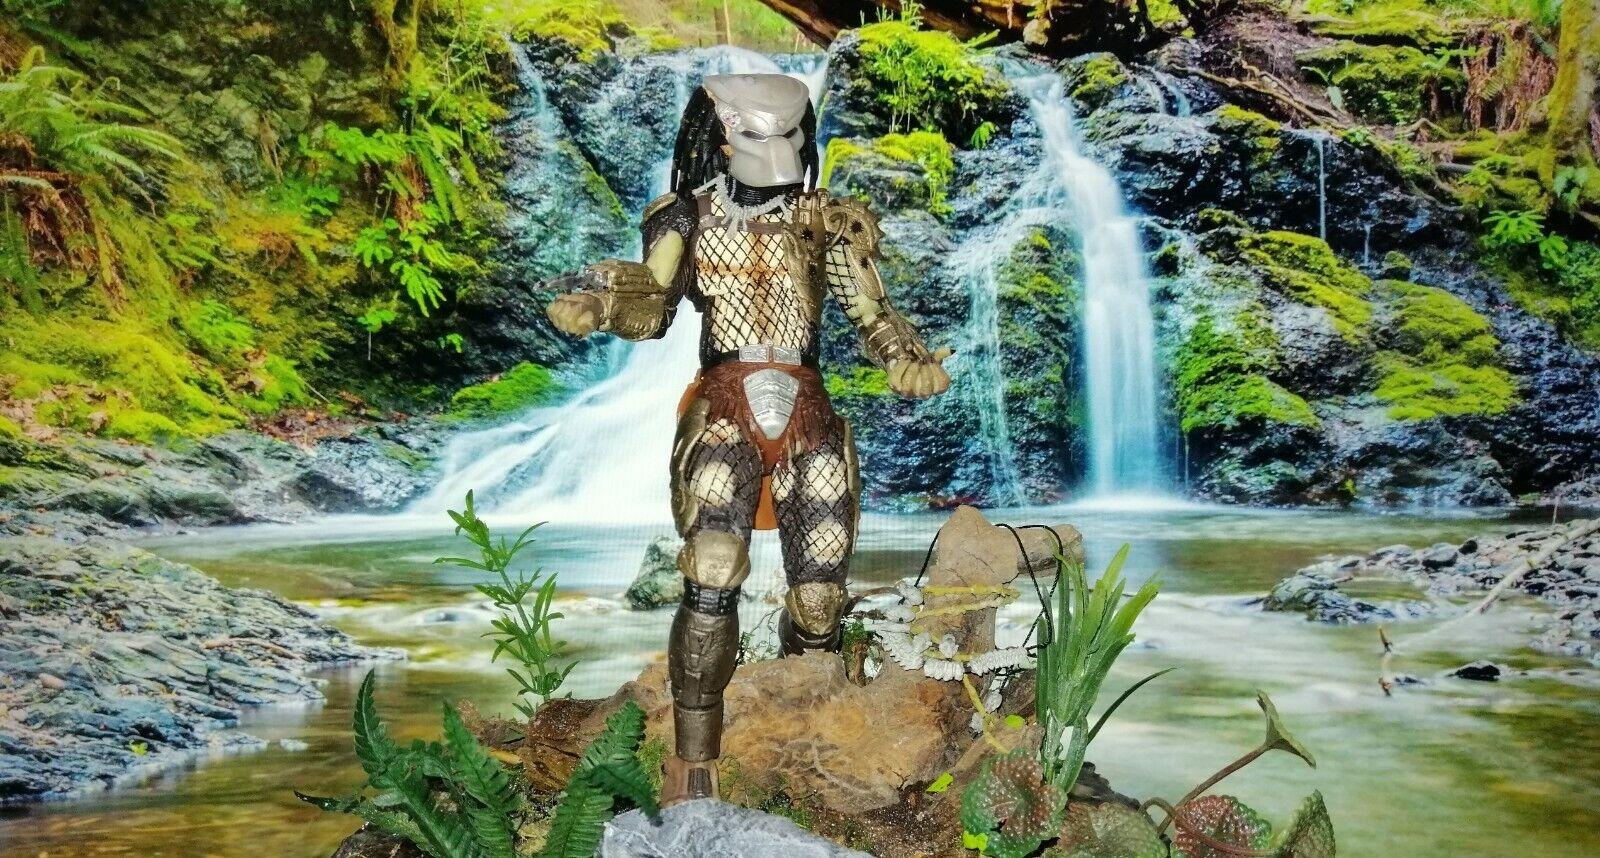 Diorama predator scale 1 6 rare and unique figure neca 17 cm